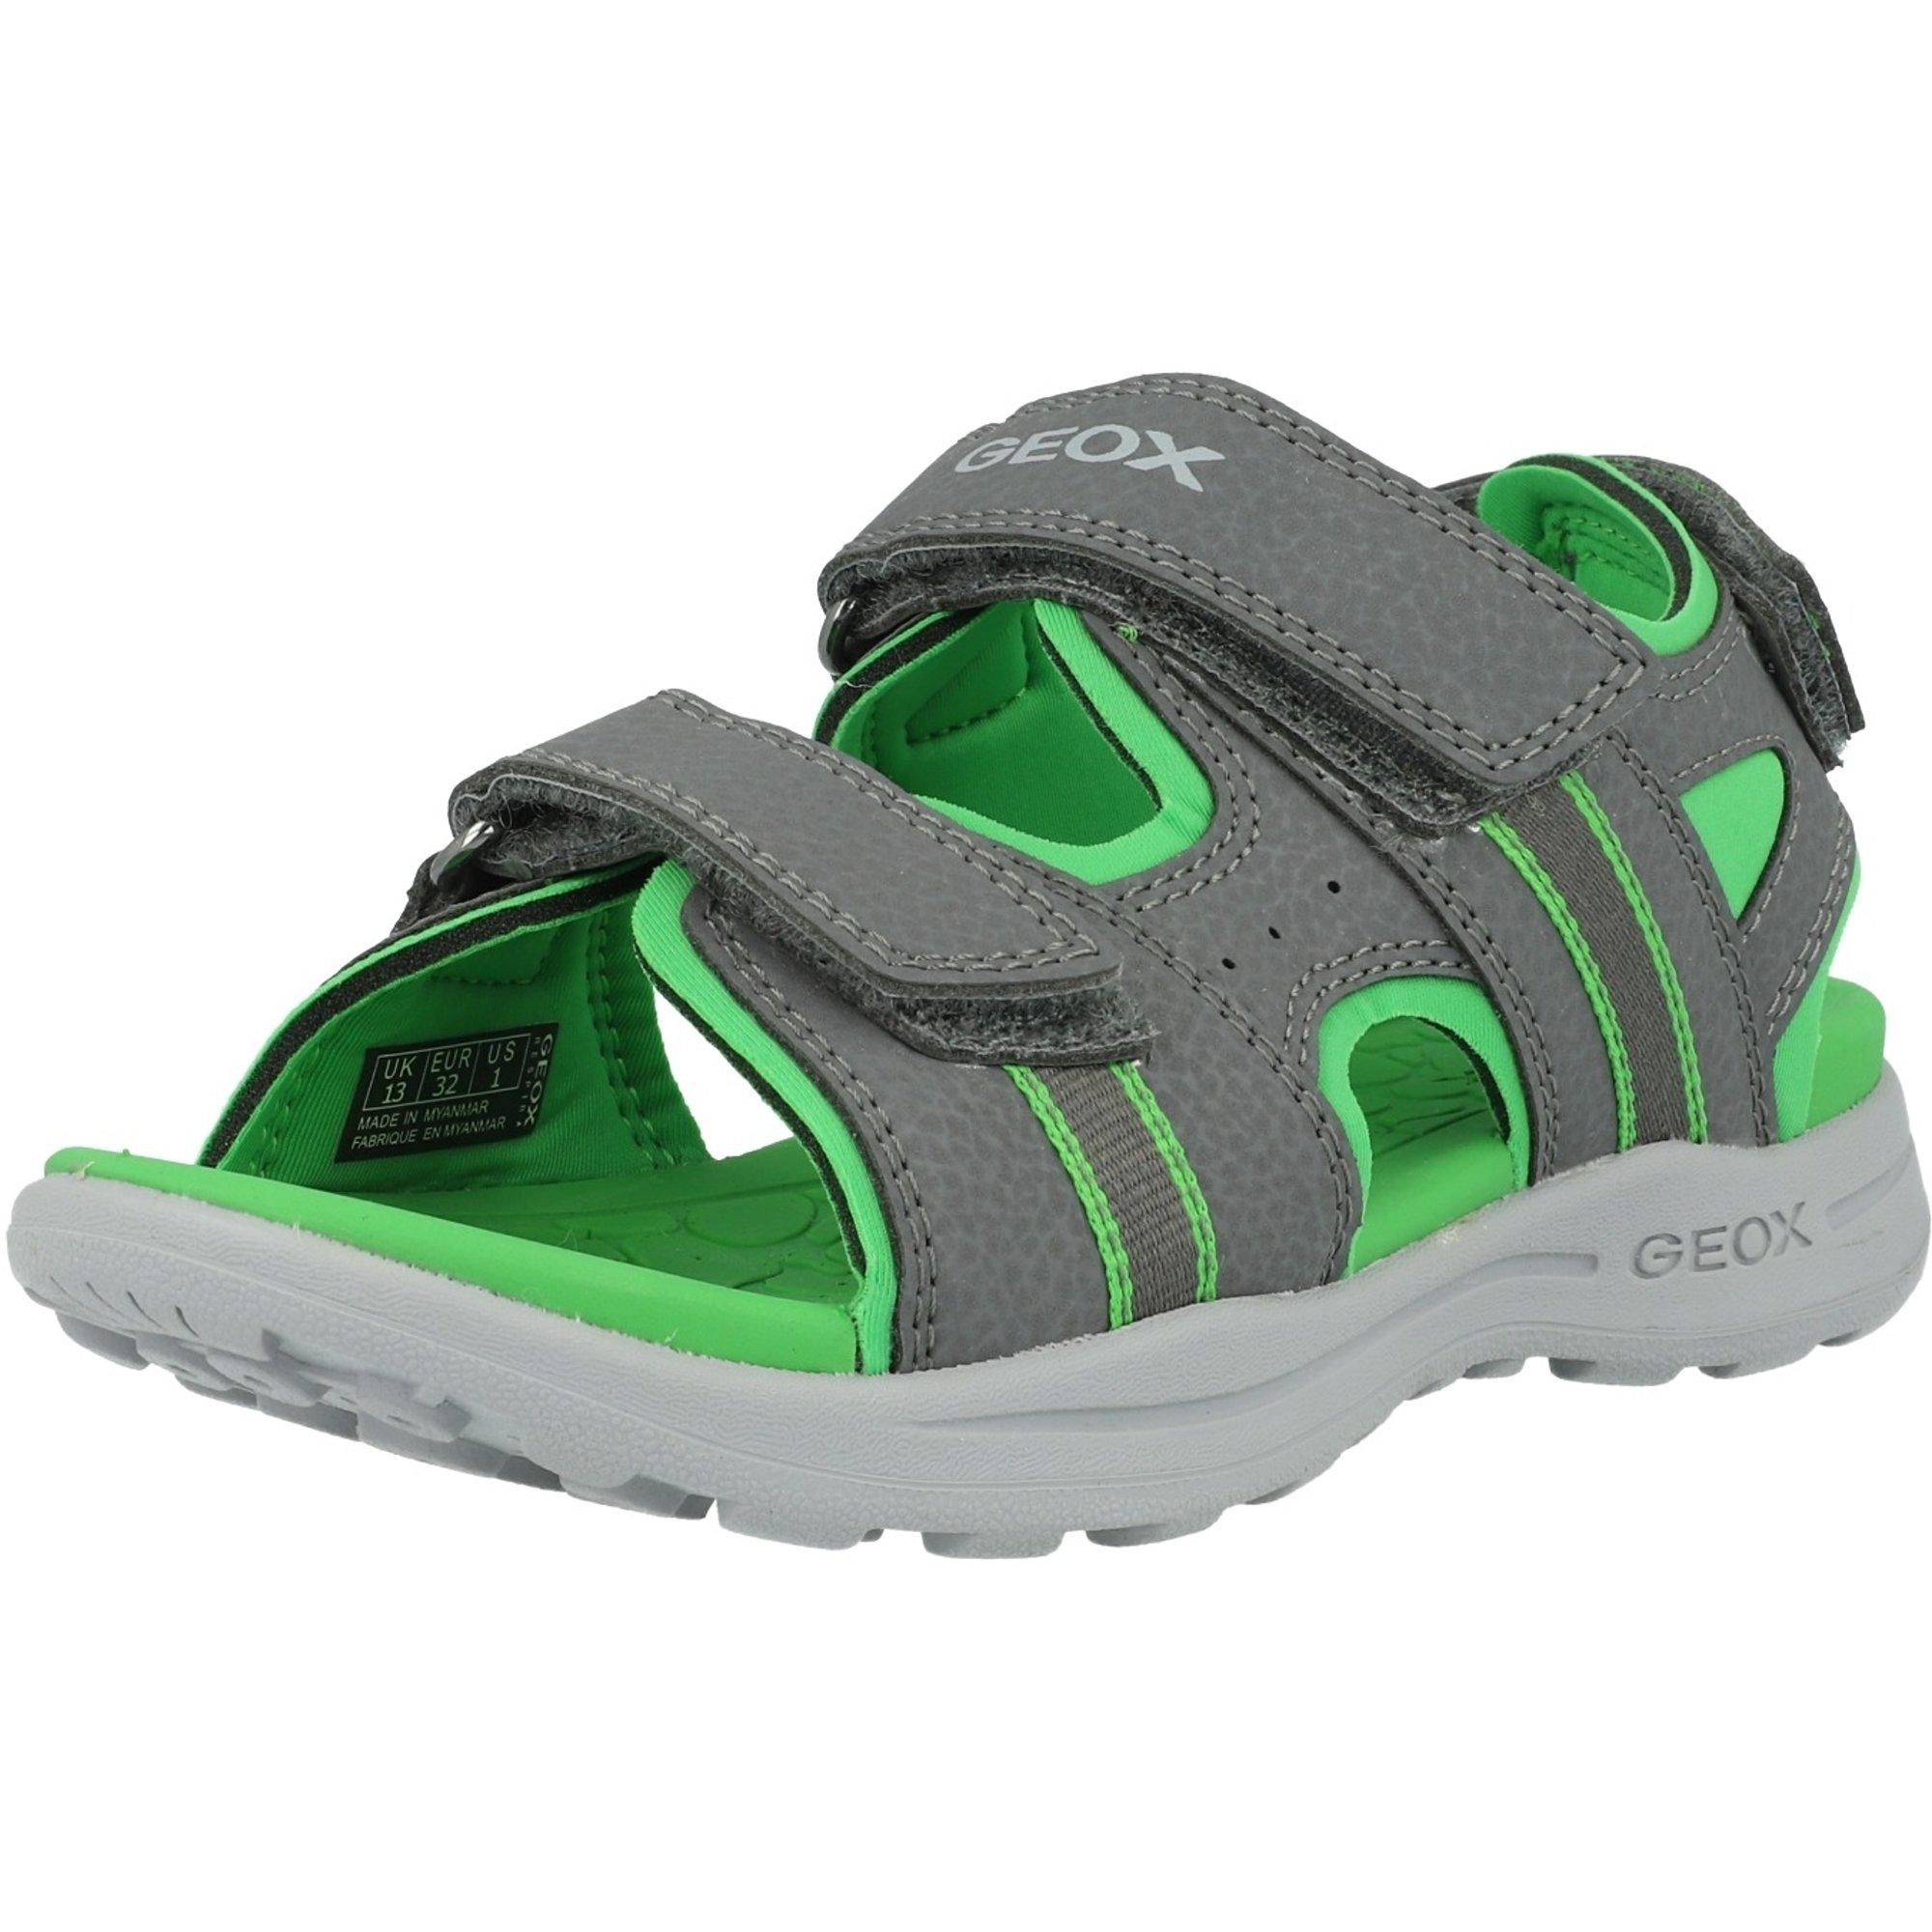 los recién llegados original mejor calificado producto caliente Geox J Gleeful B Gray/Green Lycra - Flat Sandals - Awesome Shoes